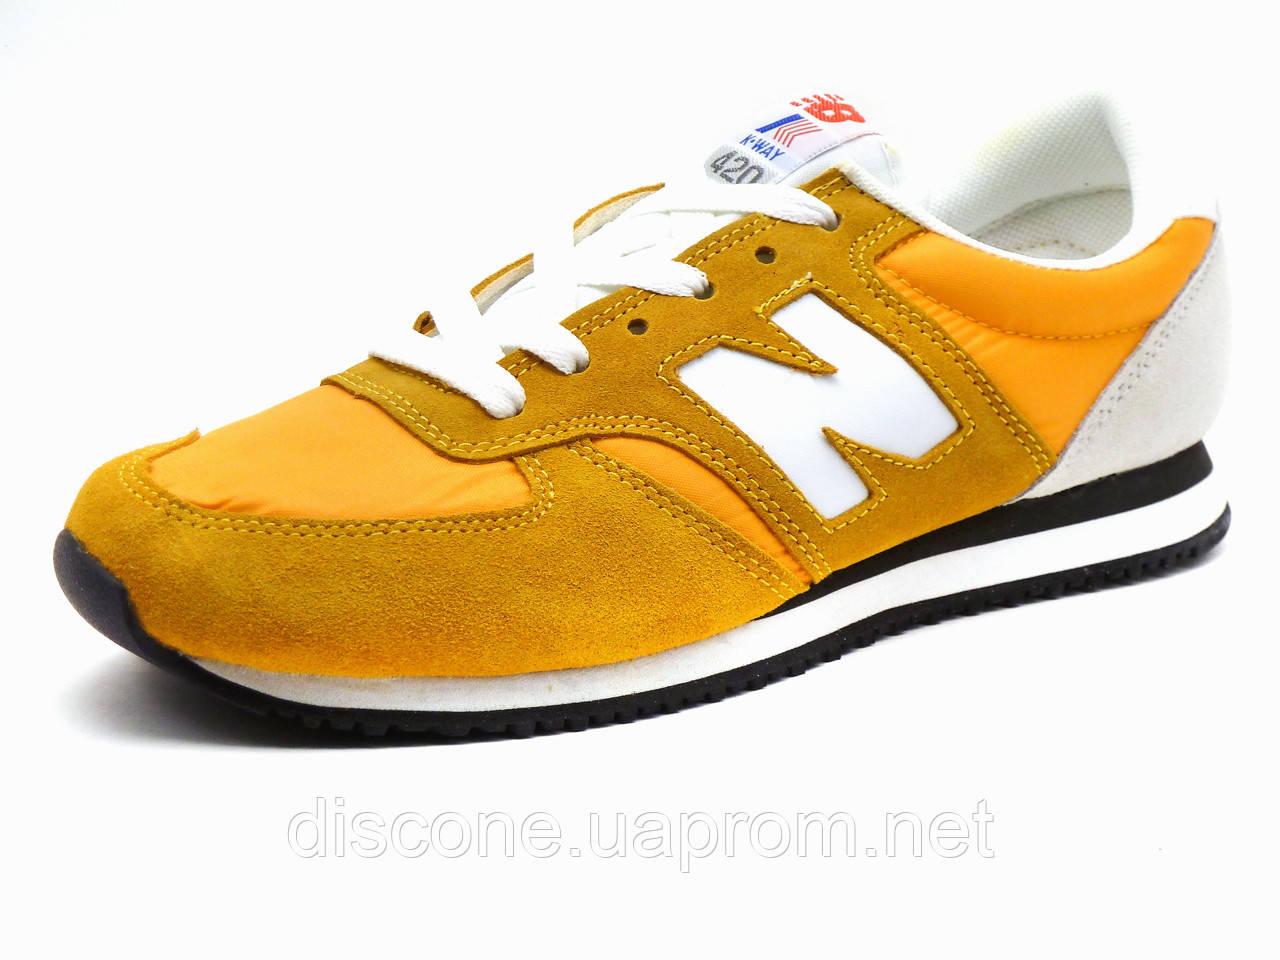 Обувь clarks детская цена